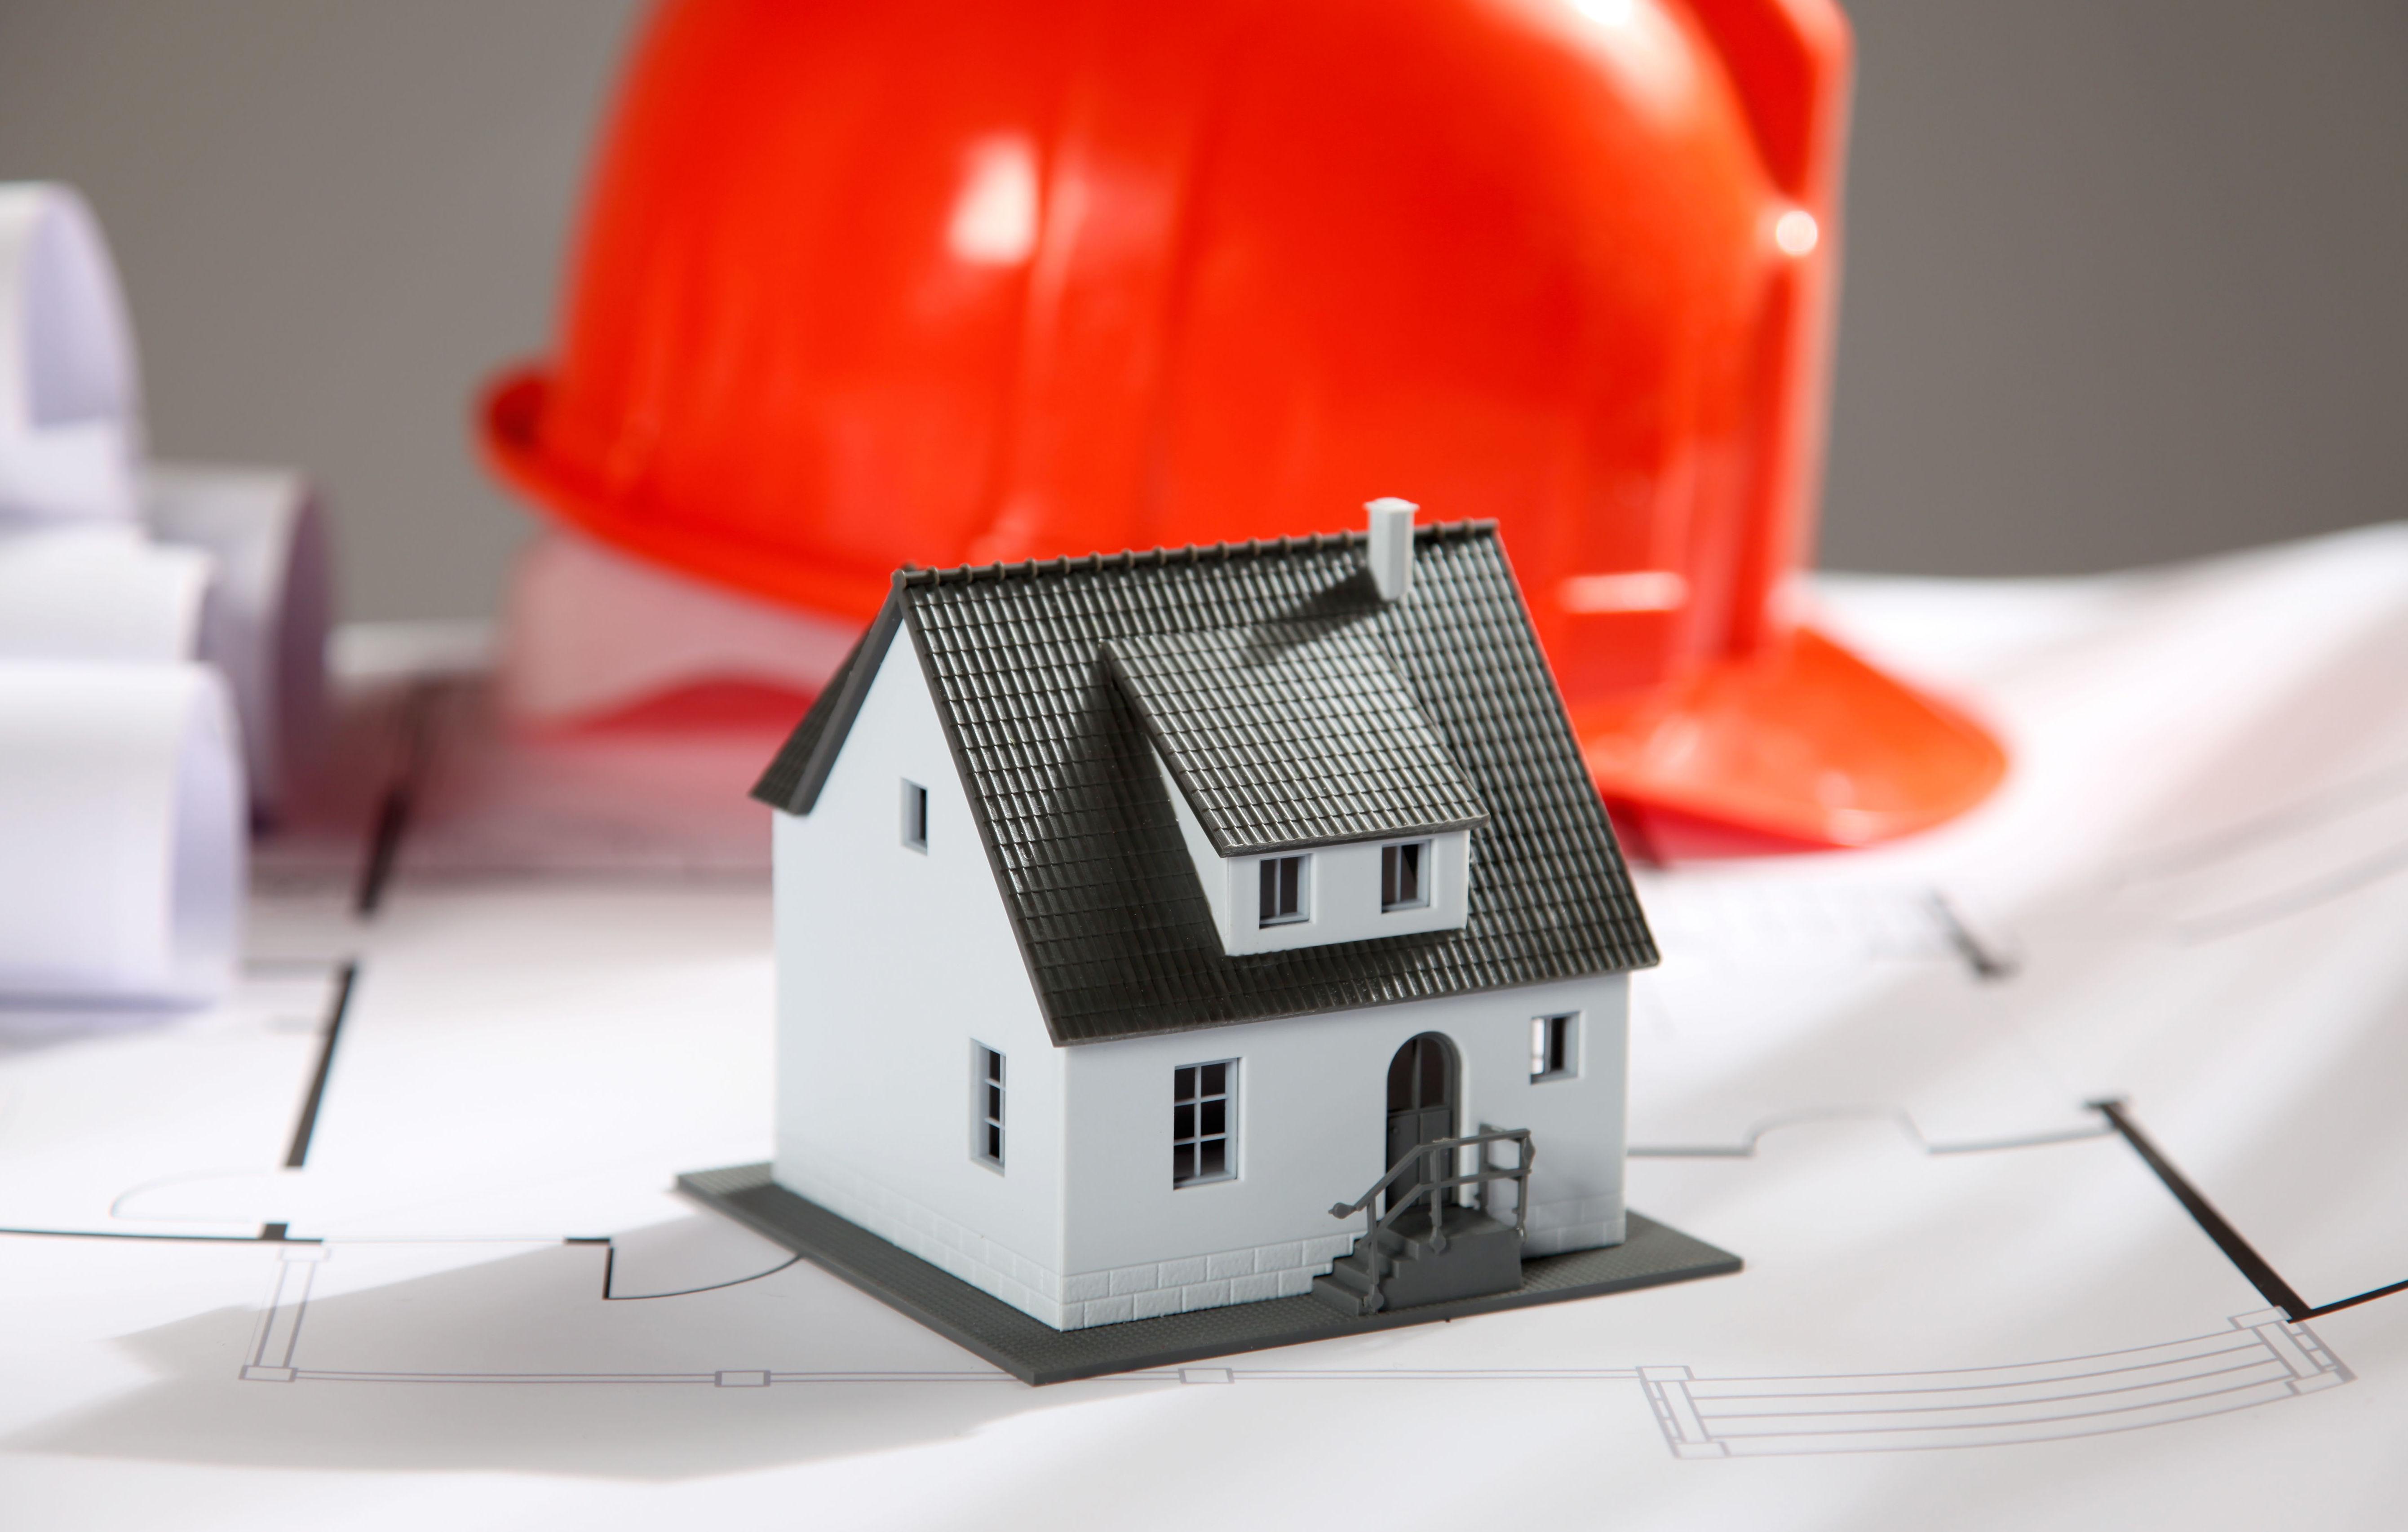 Construcciones: Servicios de Construcciones y Reformas JR